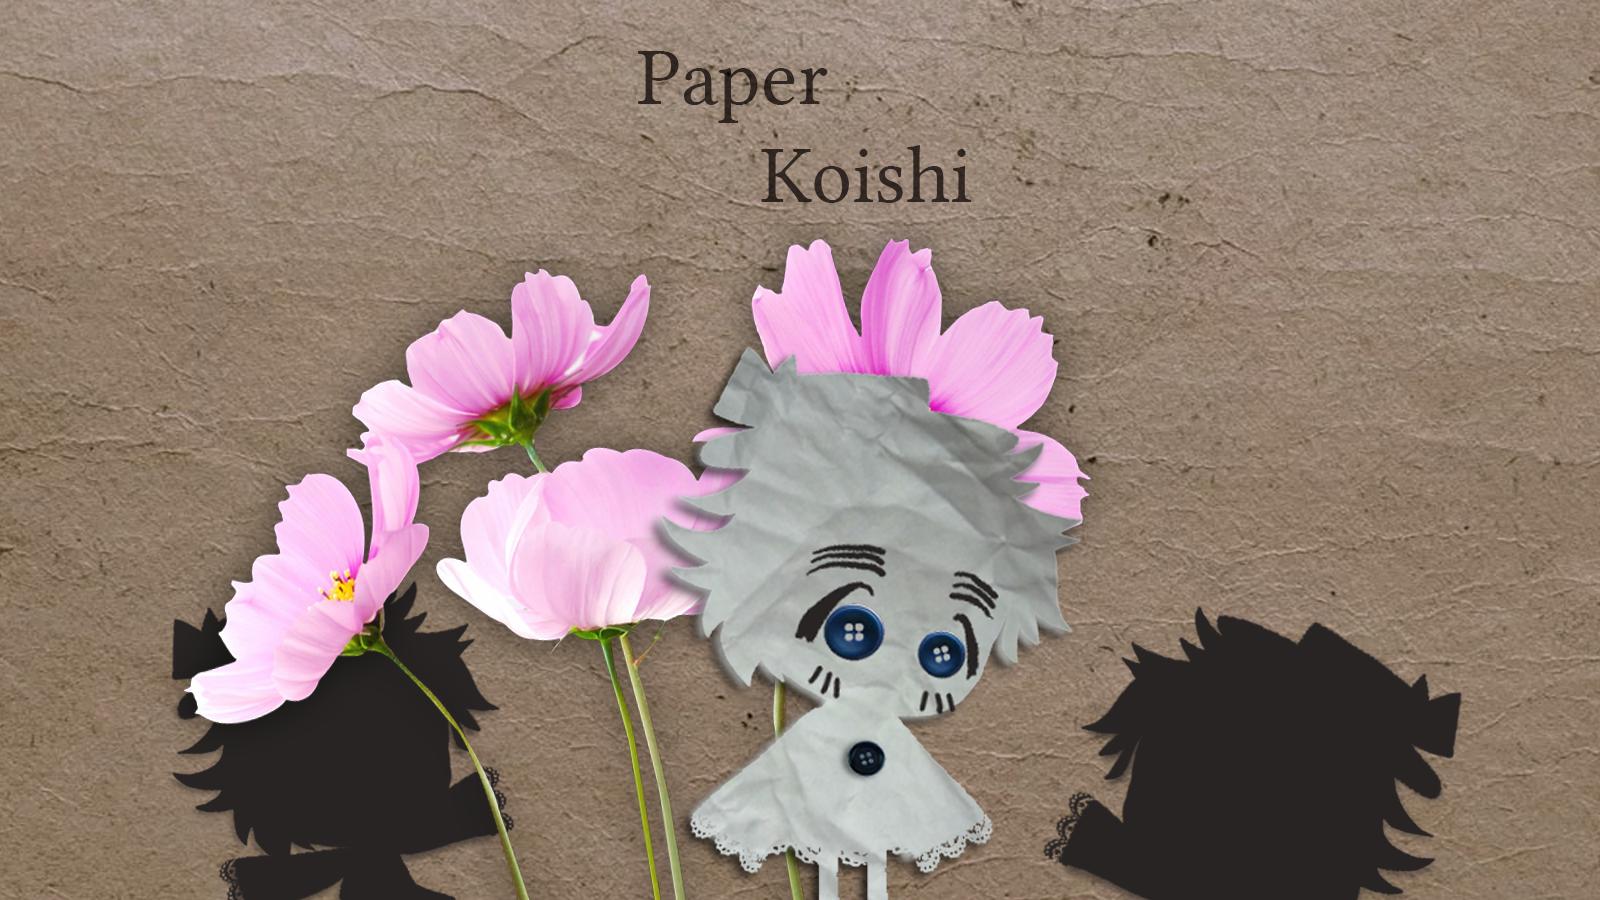 Paper Koishi